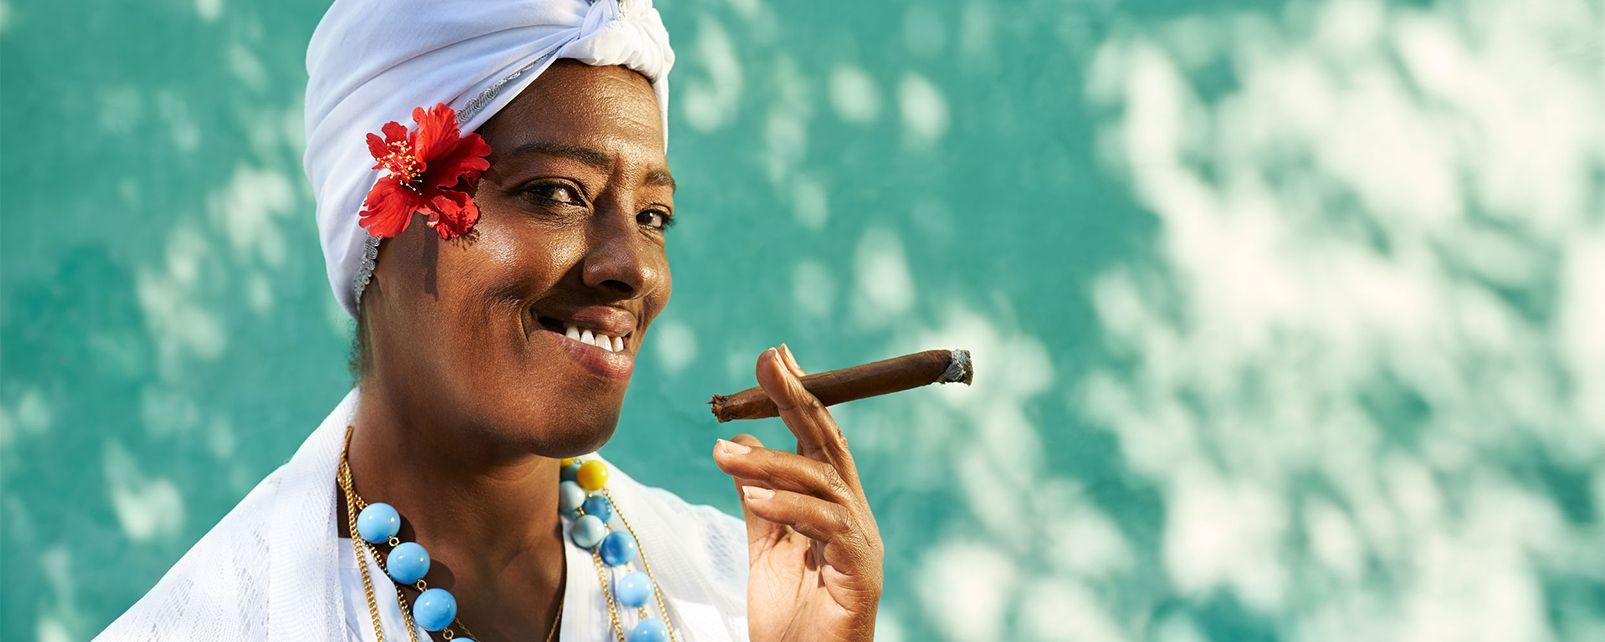 Los puros habanos. , Los habanos, una industria nacional , Cuba